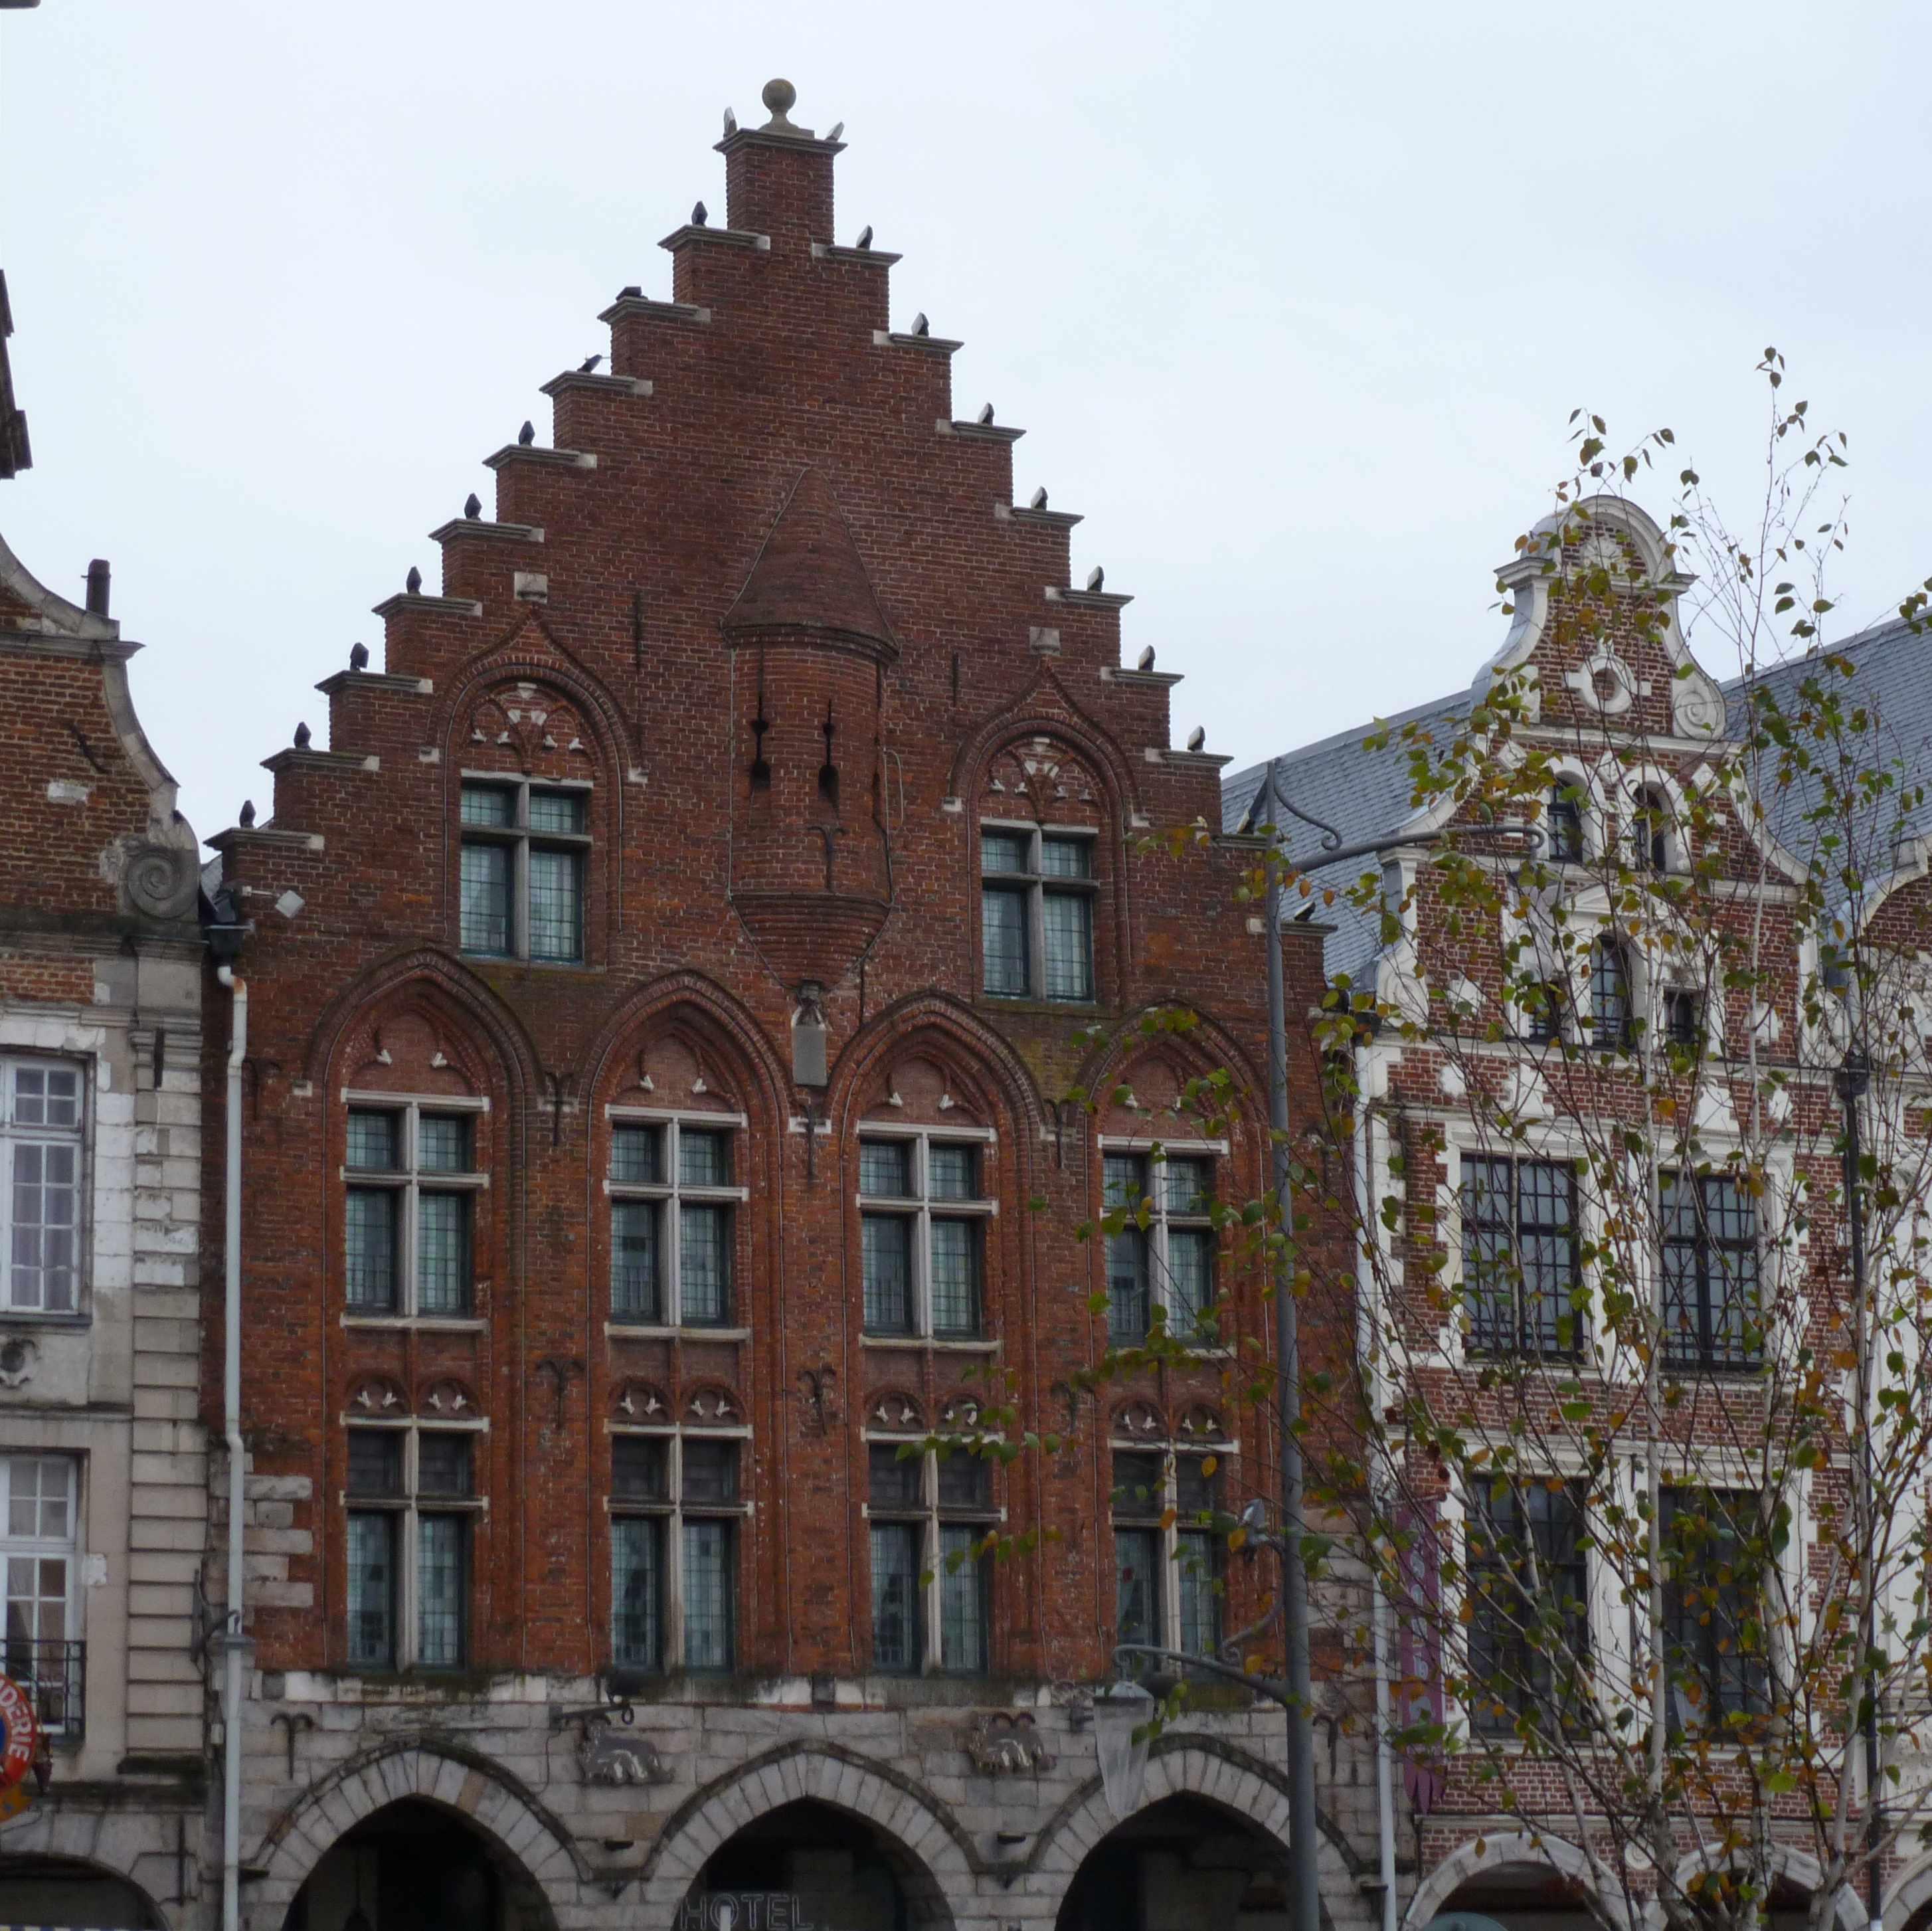 Maison pignon pas de moineau Arras grand'place 2012